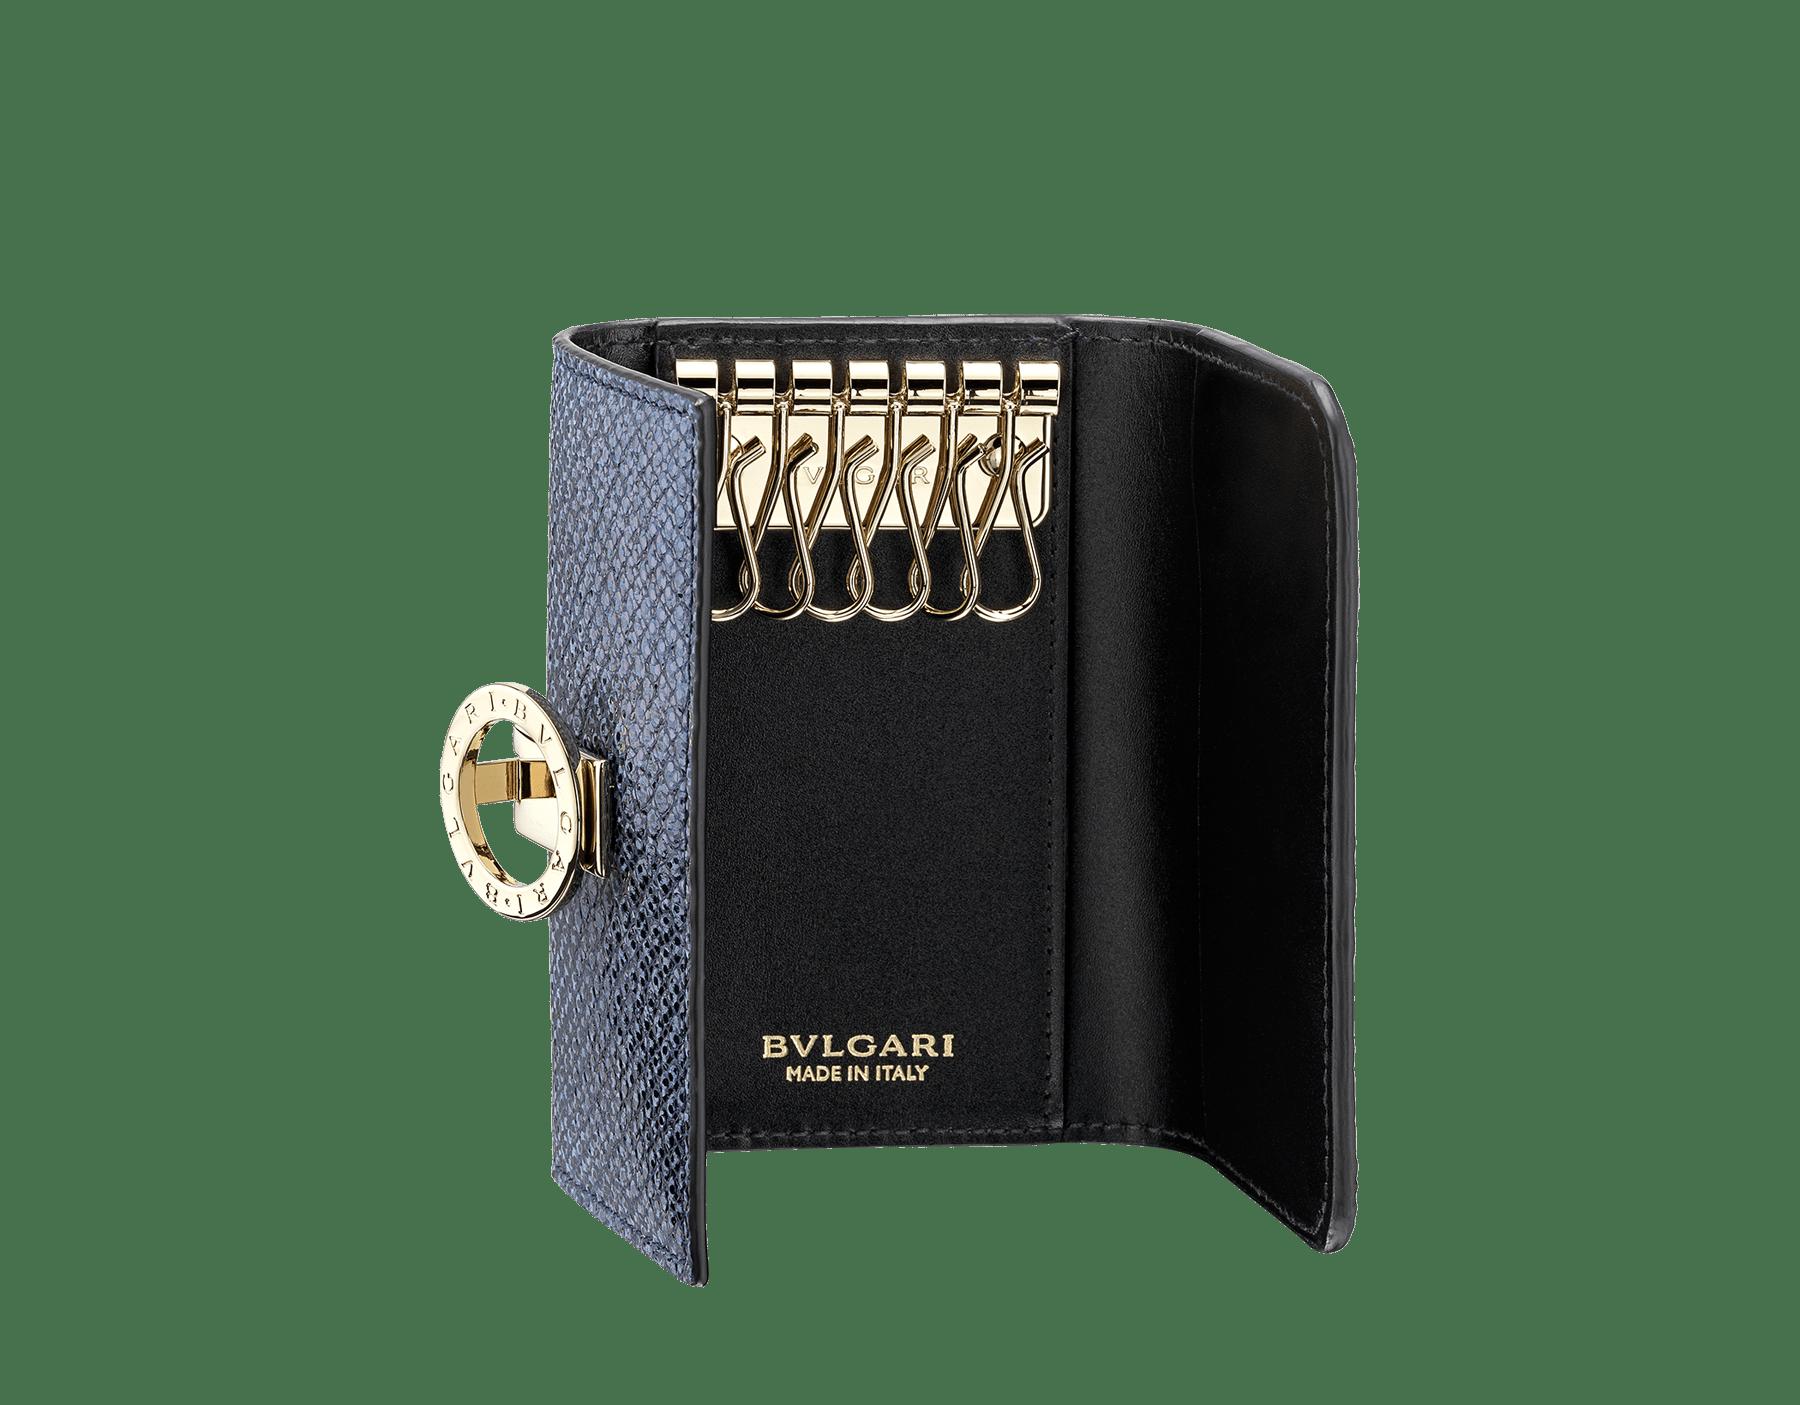 Petit porte-clés BVLGARI BVLGARI en karung métallisé couleur bleu Midnight Sapphire et cuir de veau noir. Fermoir emblématique orné du logo BVLGARI BVLGARI en laiton doré. 579-KEYHOLDER-S-MK image 2